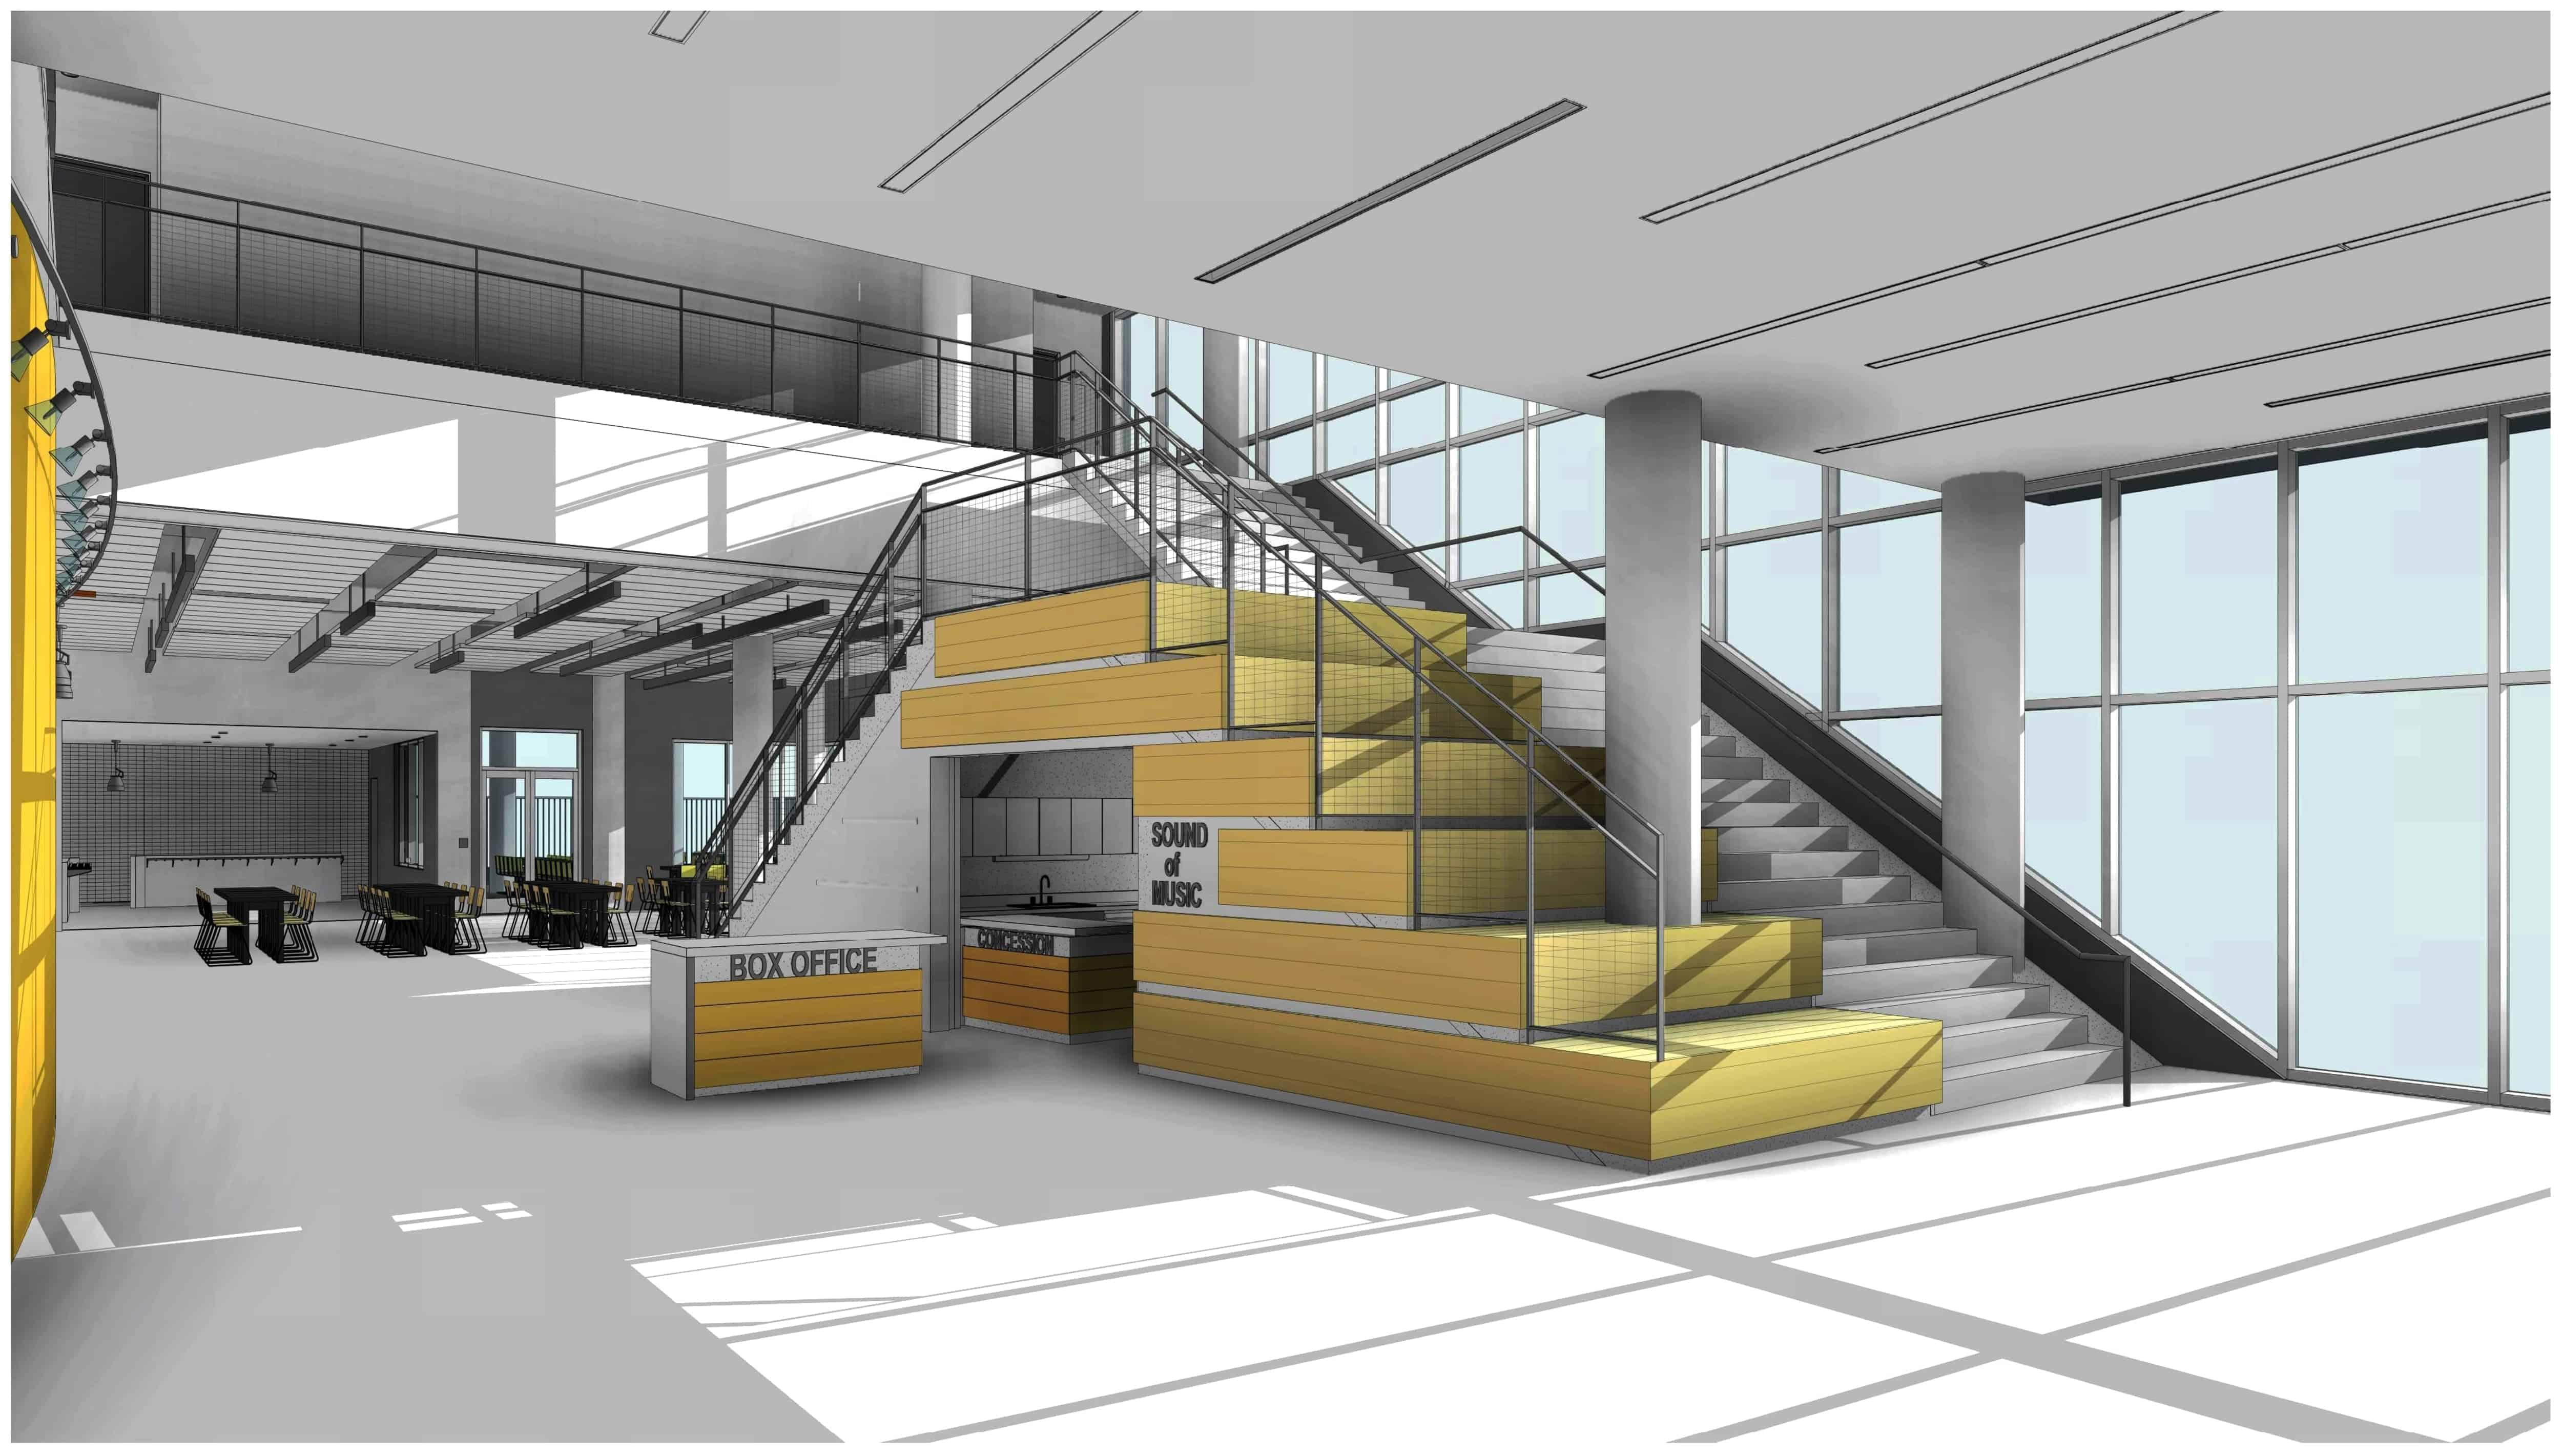 Kinder HSPVA Lobby Stair Perspective Rendering